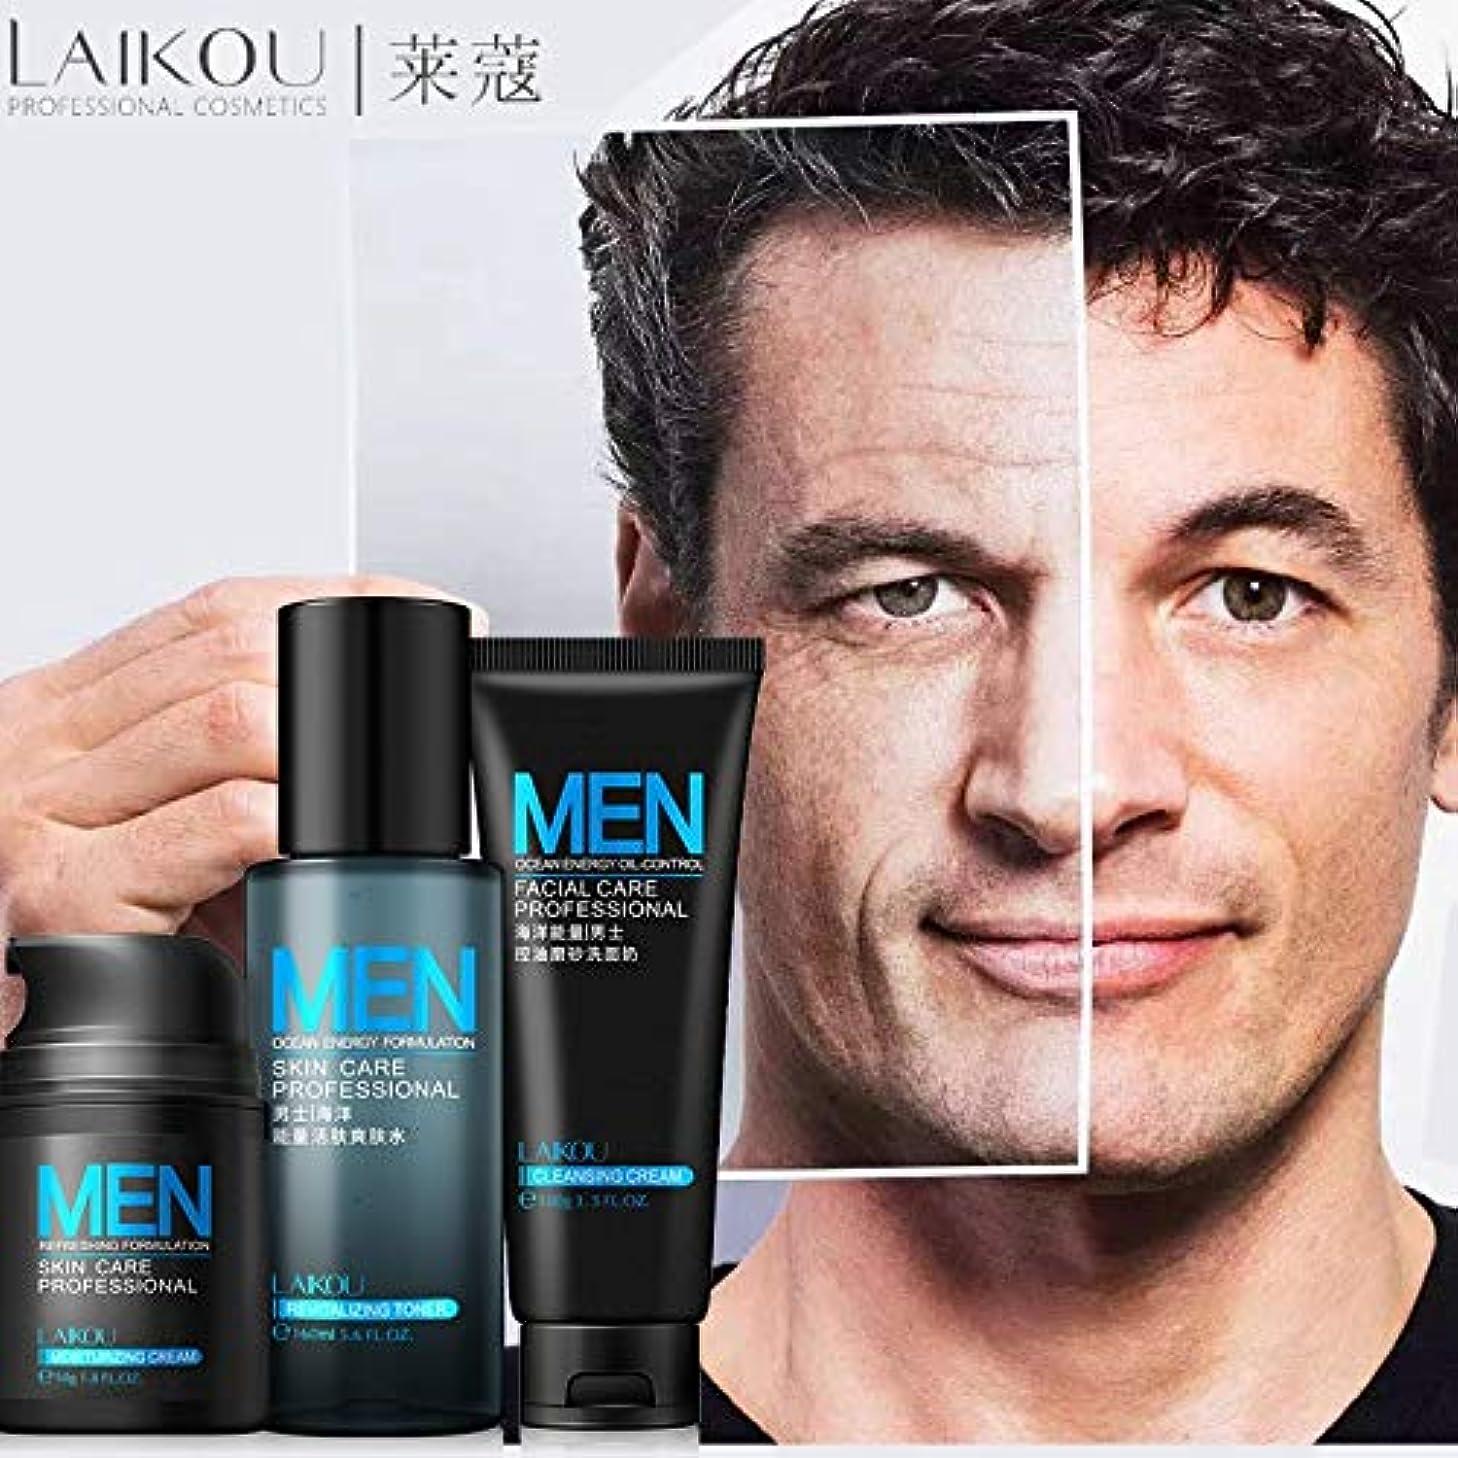 男性の3pcs / lotのClserトナークリーム保湿オイルコントロール毛穴アンチリンクルフェイスケアを縮小するために毎日のケアセット